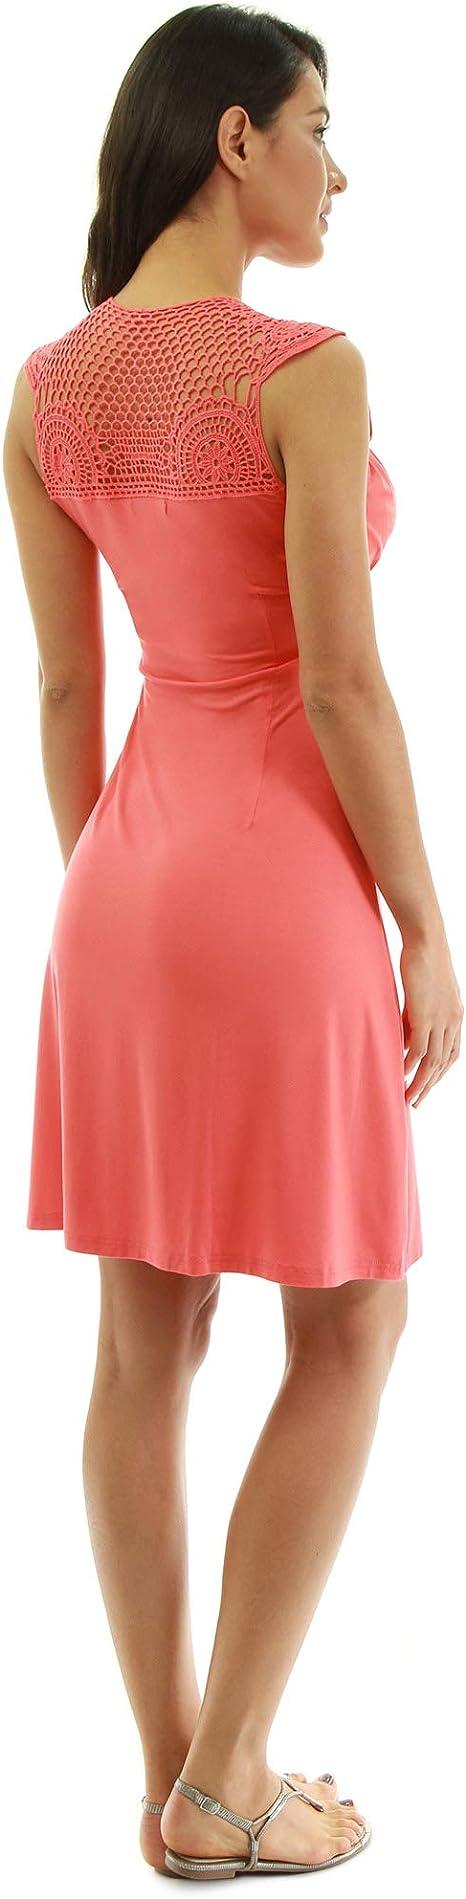 Pattyboutik Damen Hakelspitze Einsatz Fit Und Flare Kleid Amazon De Bekleidung